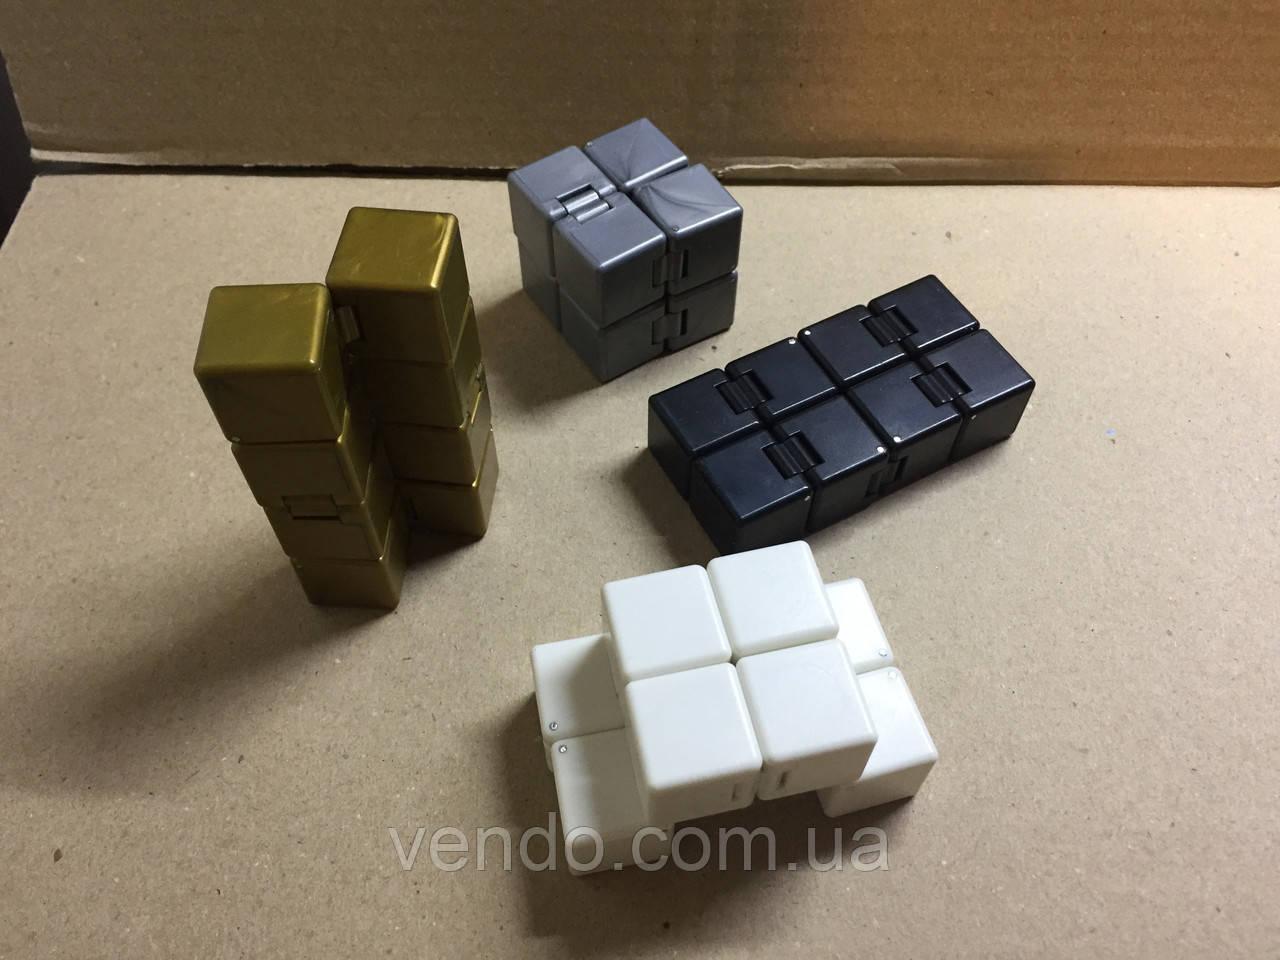 Бесконечный куб / infinity cube